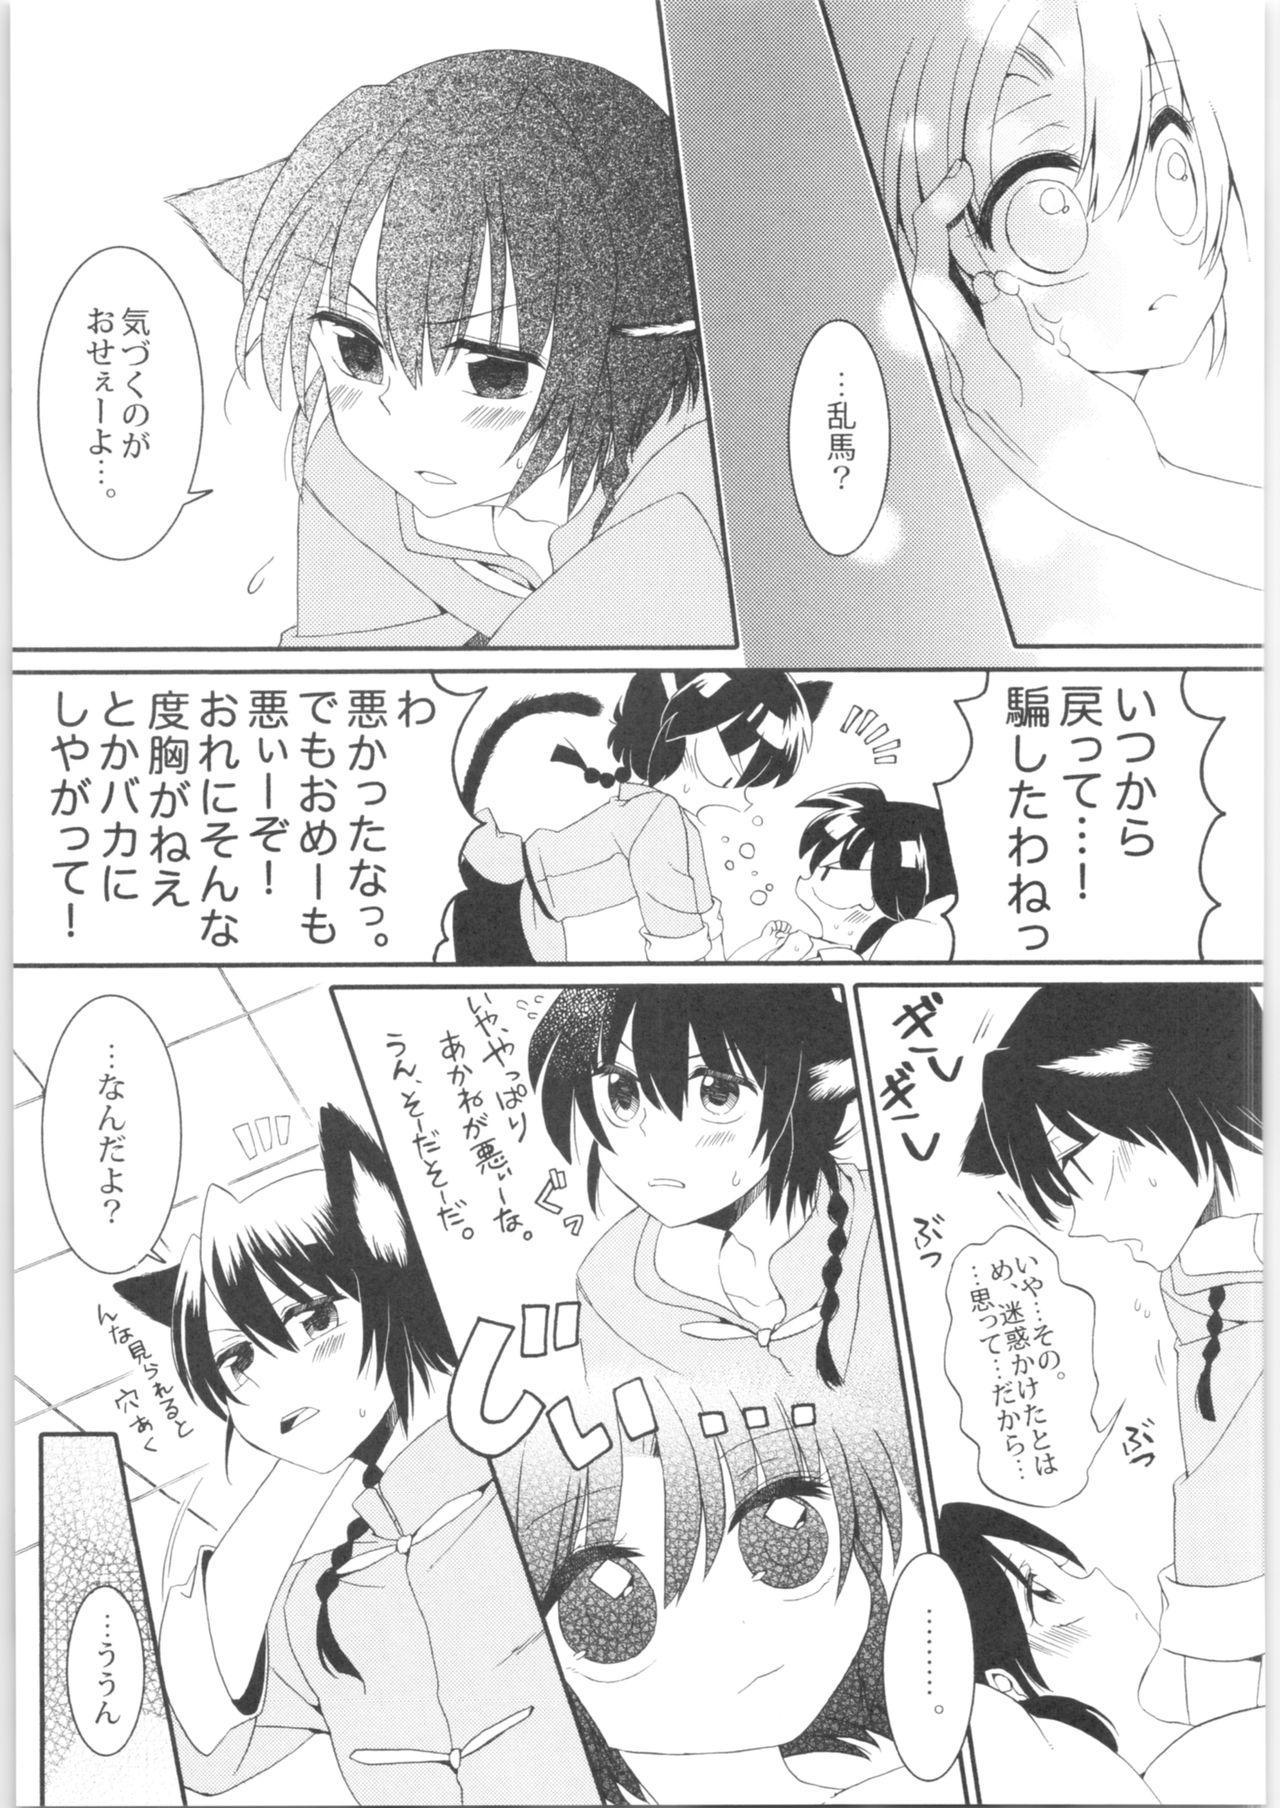 Iinazuke ga Neko ni Narimashite. 45